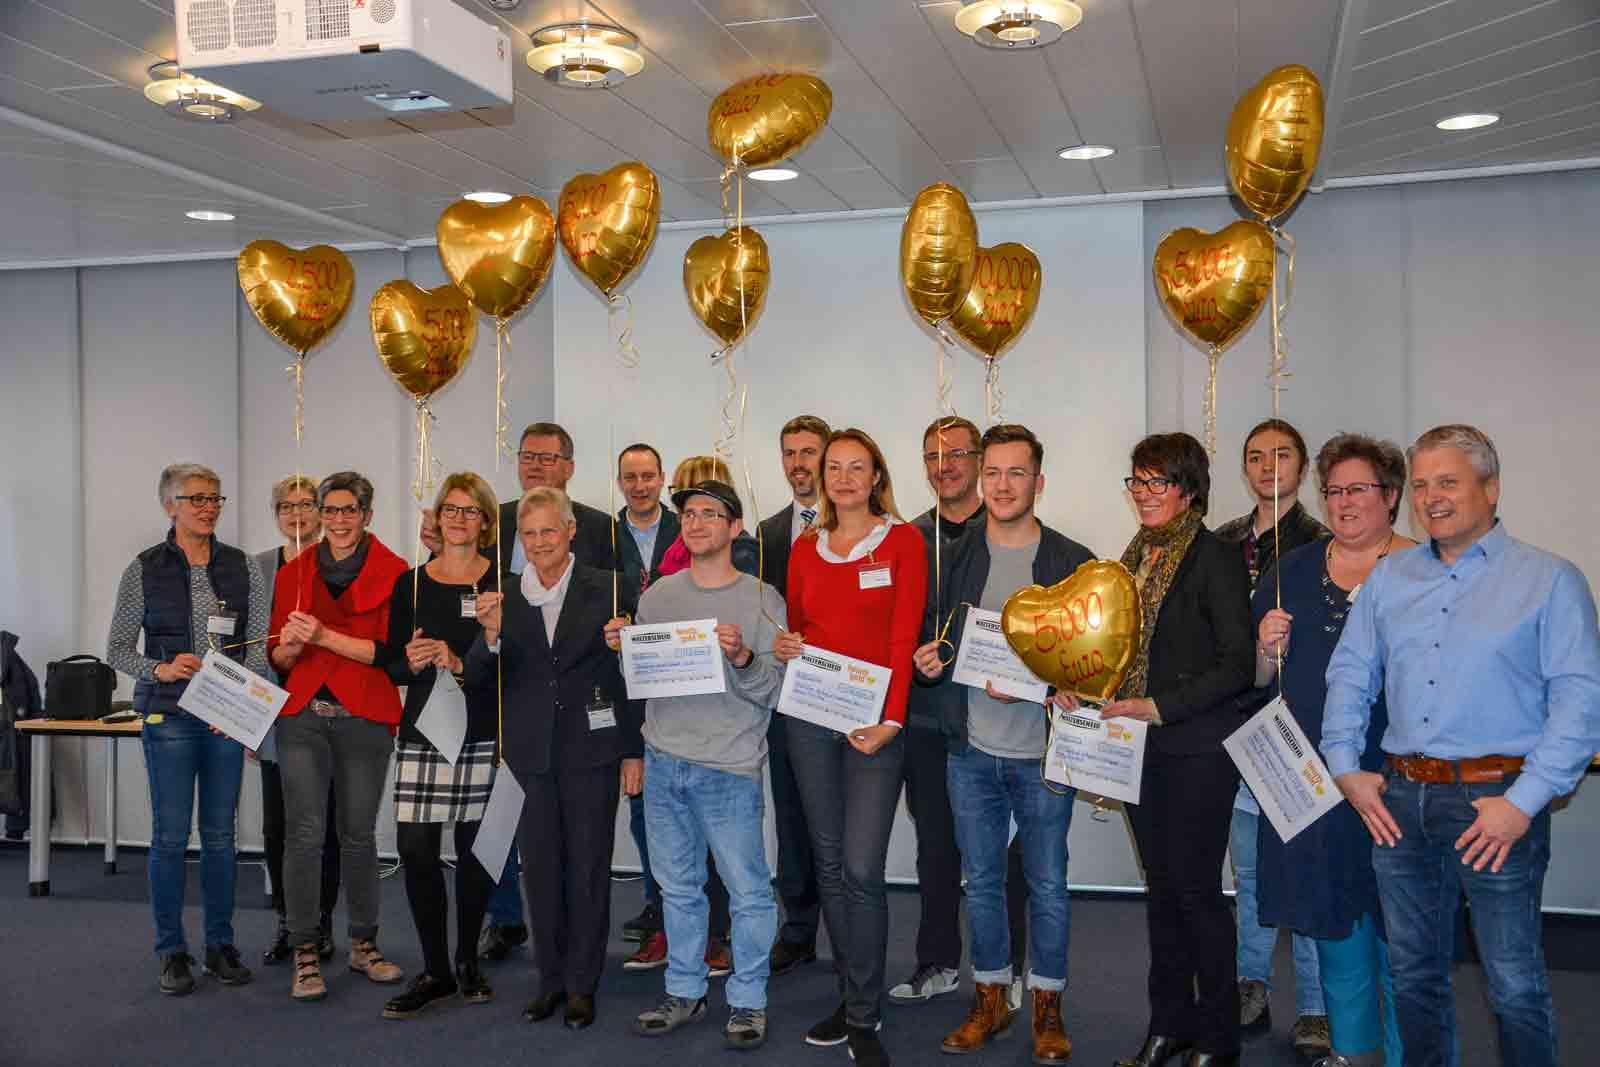 Hearts of Gold – eine Aktion der Walterscheider, um soziale Projekte in der Region zu unterstützen